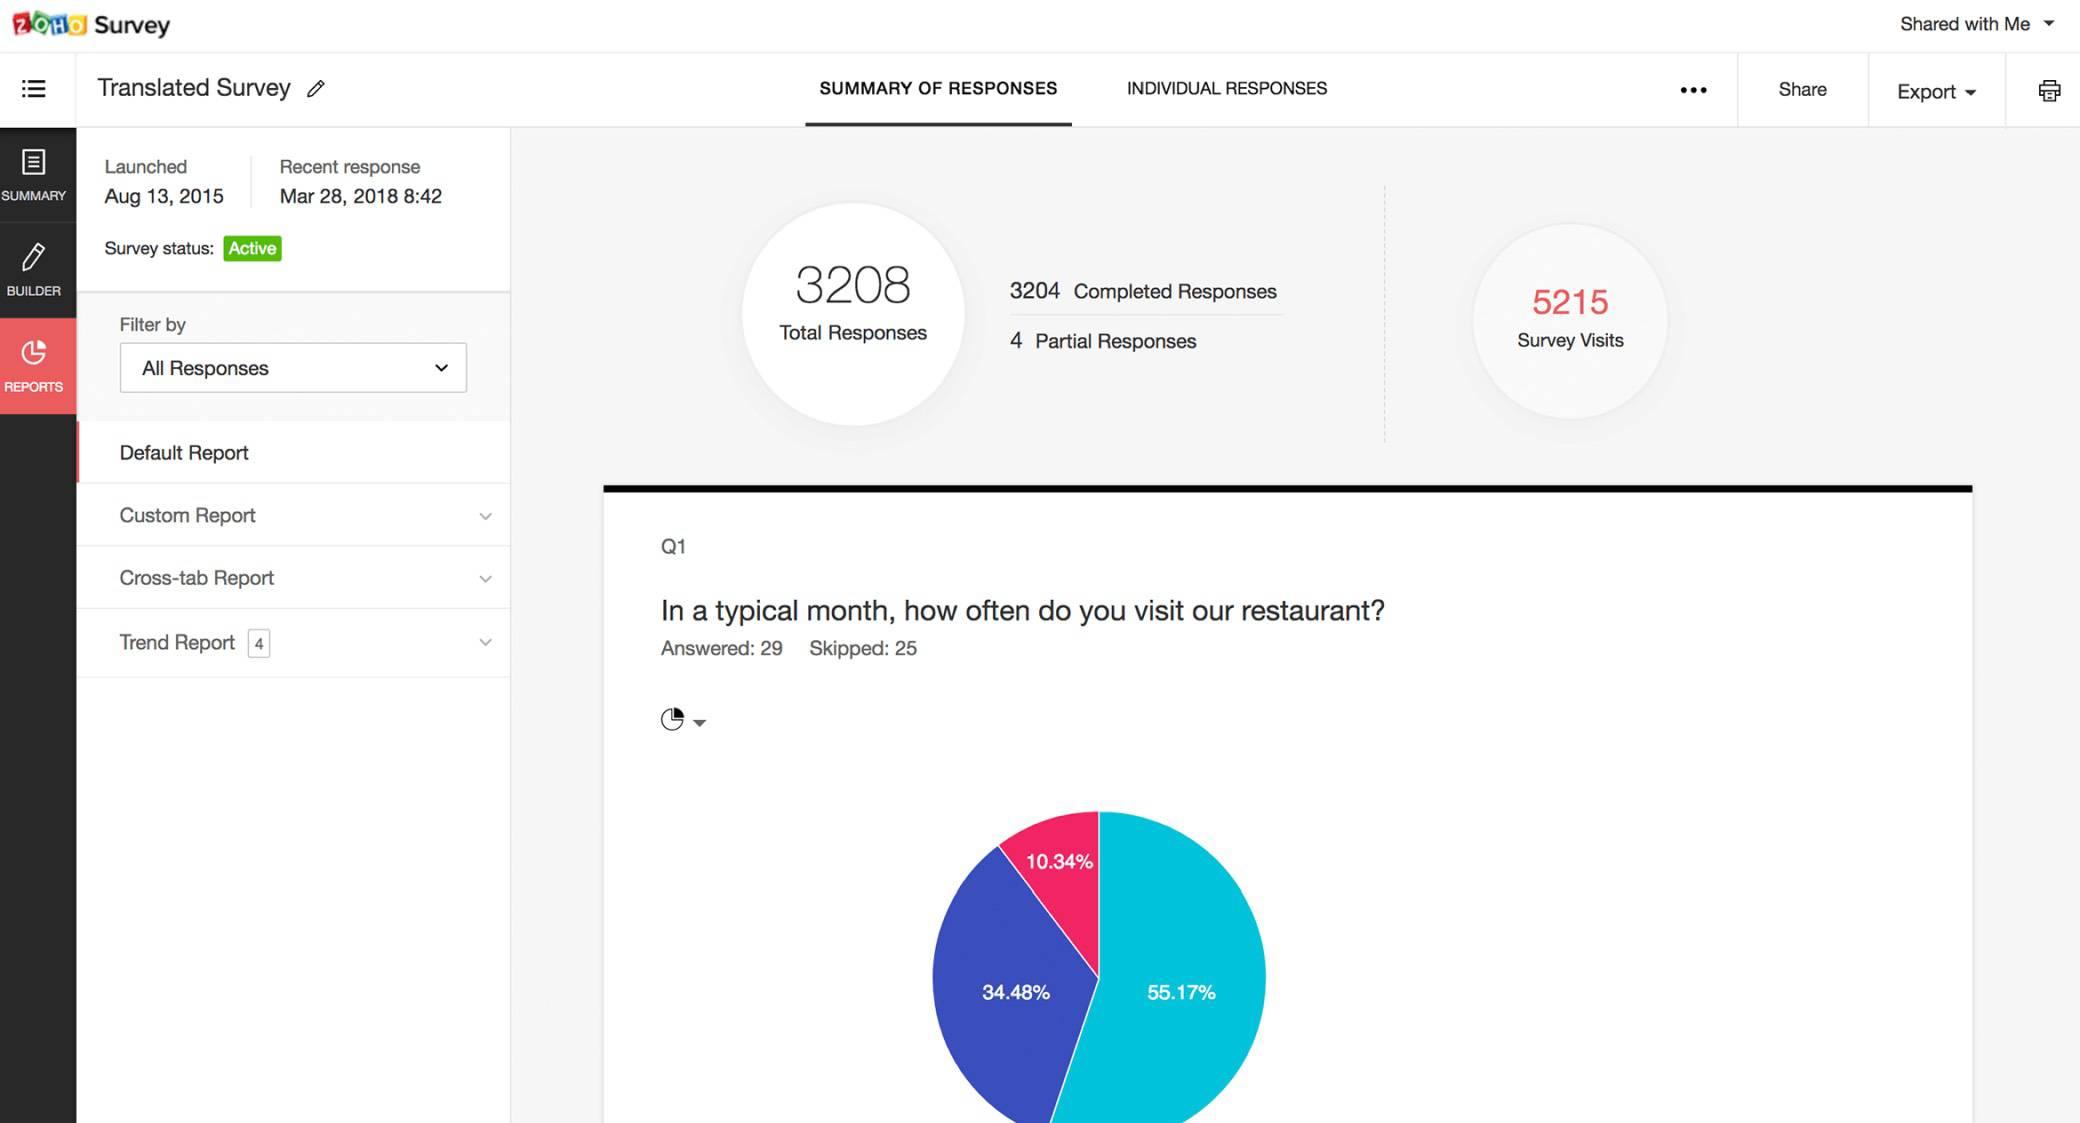 zoho-survey image